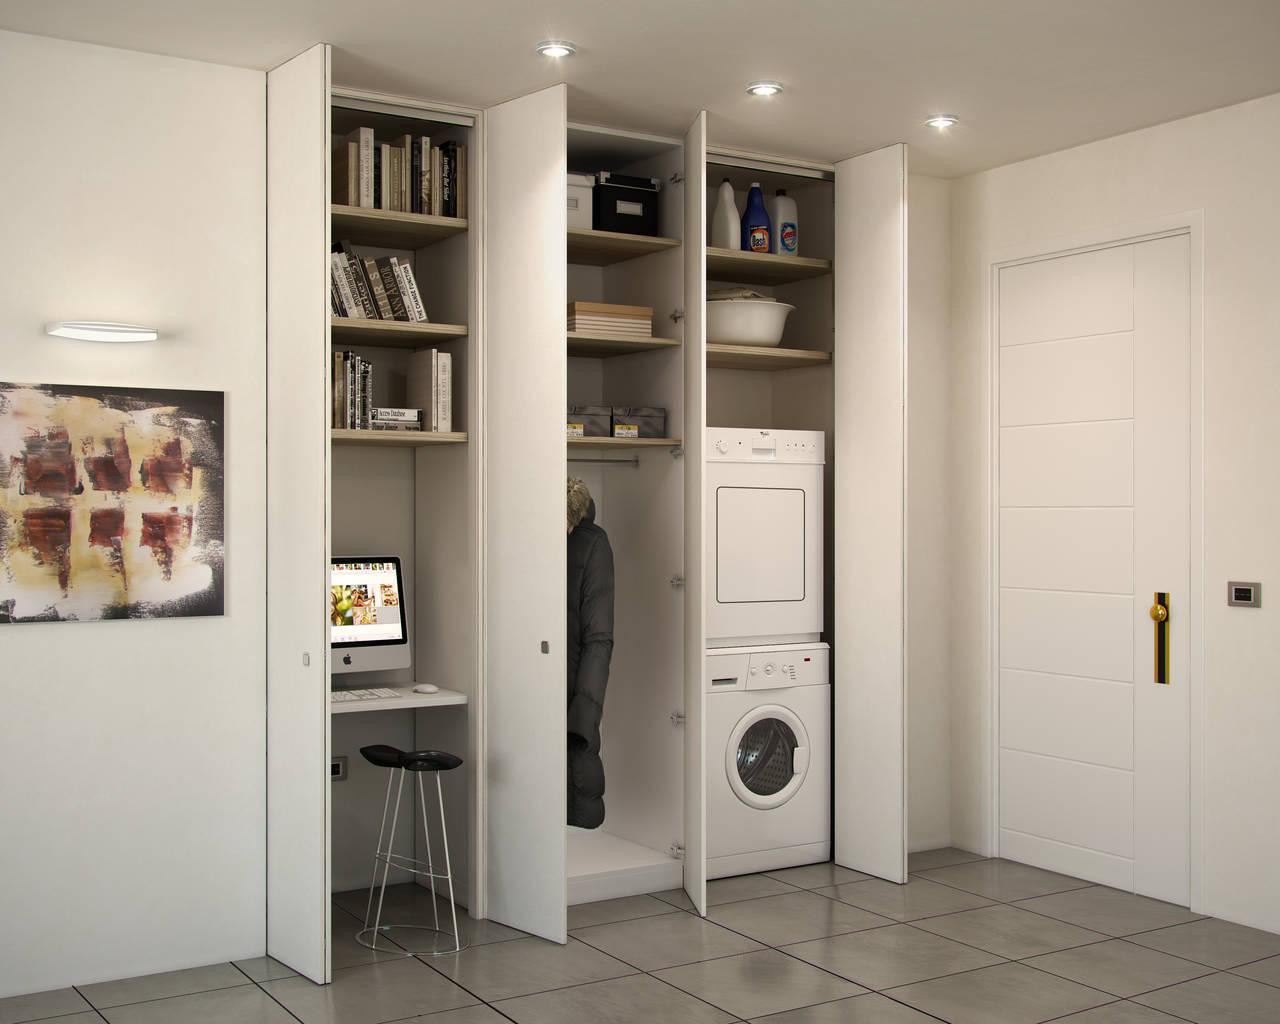 Zona lavanderia in bagno: ristrutturazione bagno soluzione ...